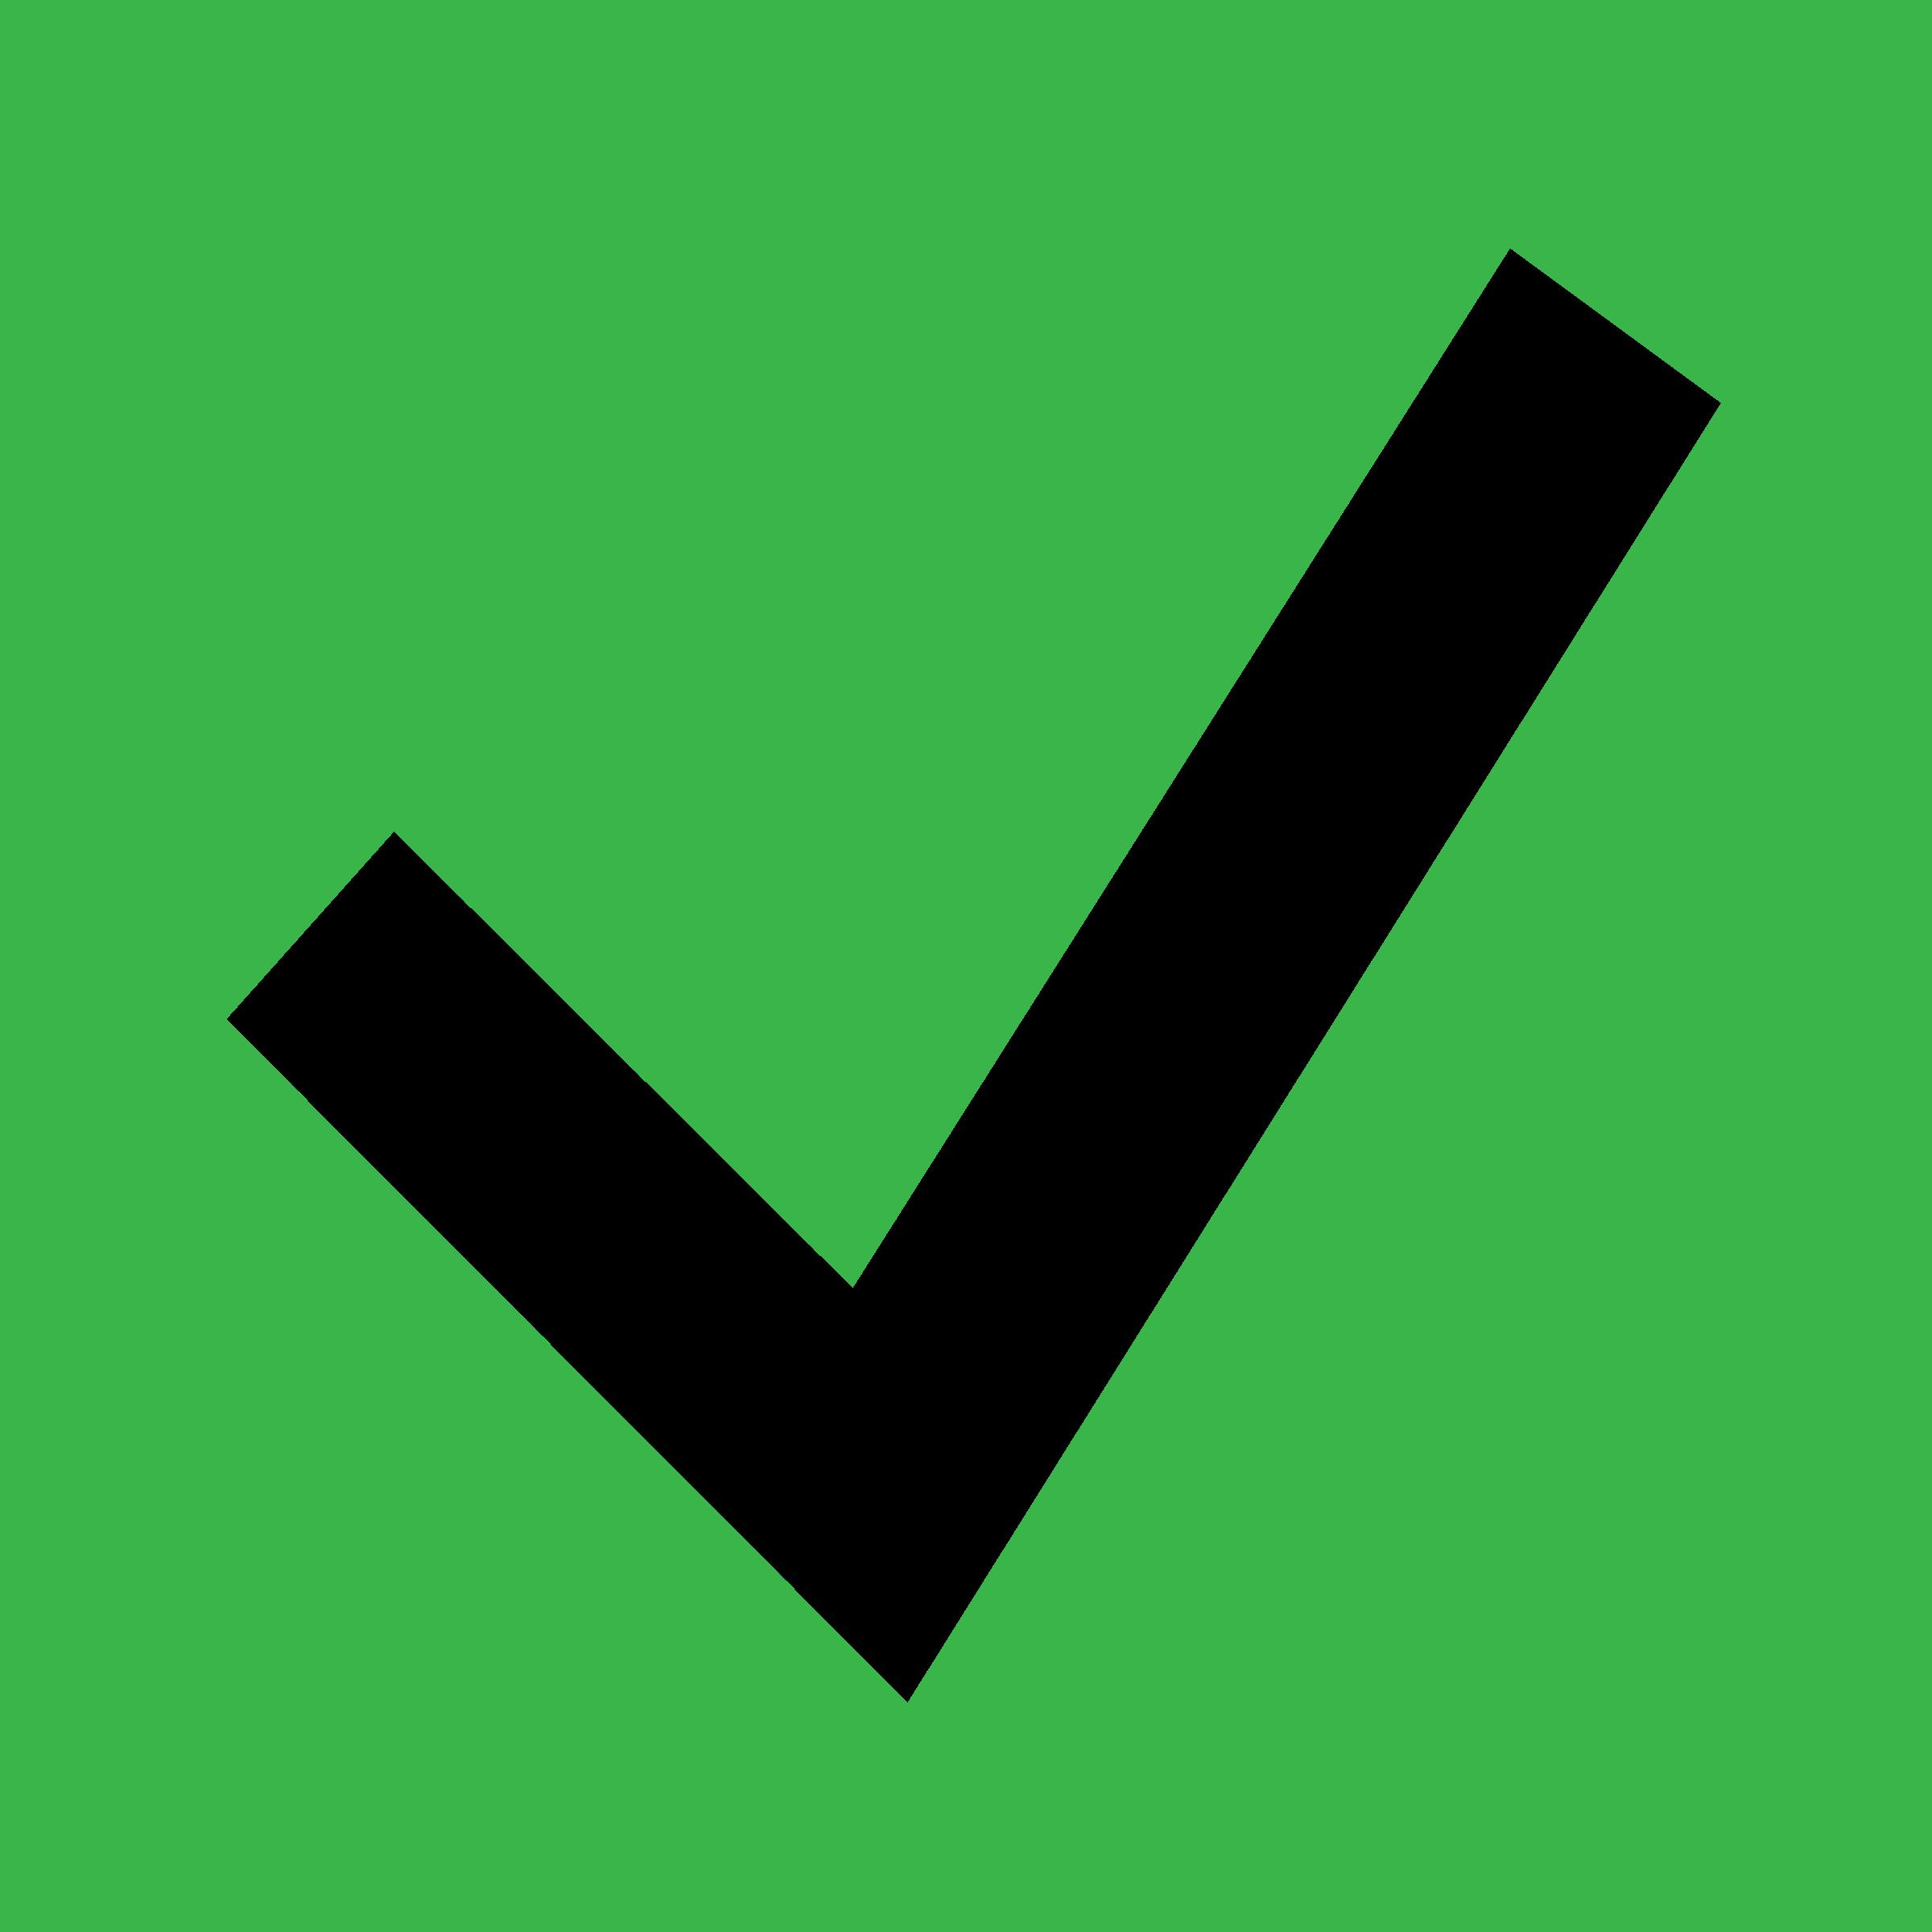 Clipart check mark